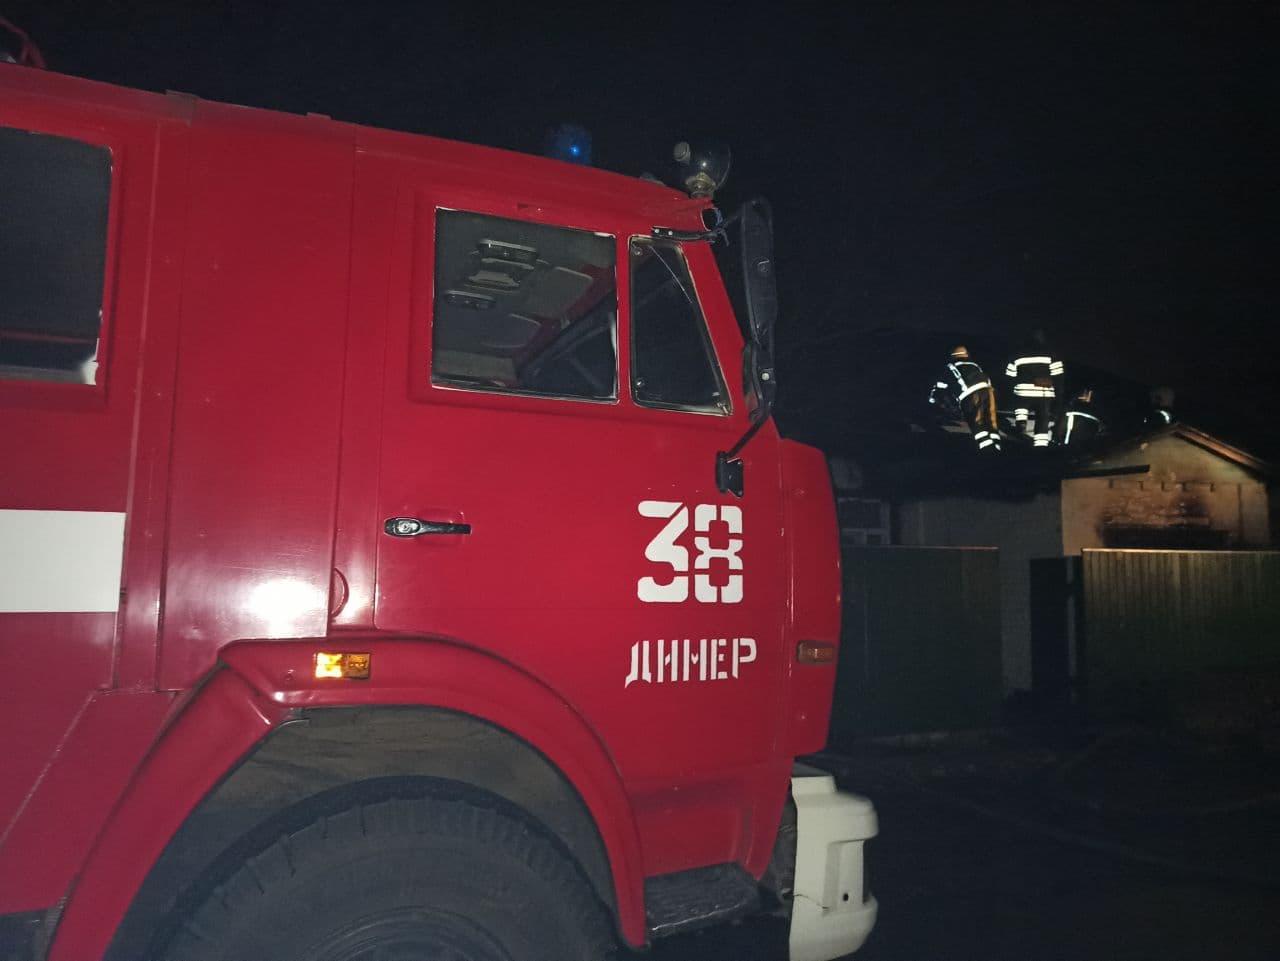 Нічна пожежа на Вишгородщині: загинула бабуся - смерть, рятувальники, пожежа будинку, Димер, Вишгородський район - Pozh1